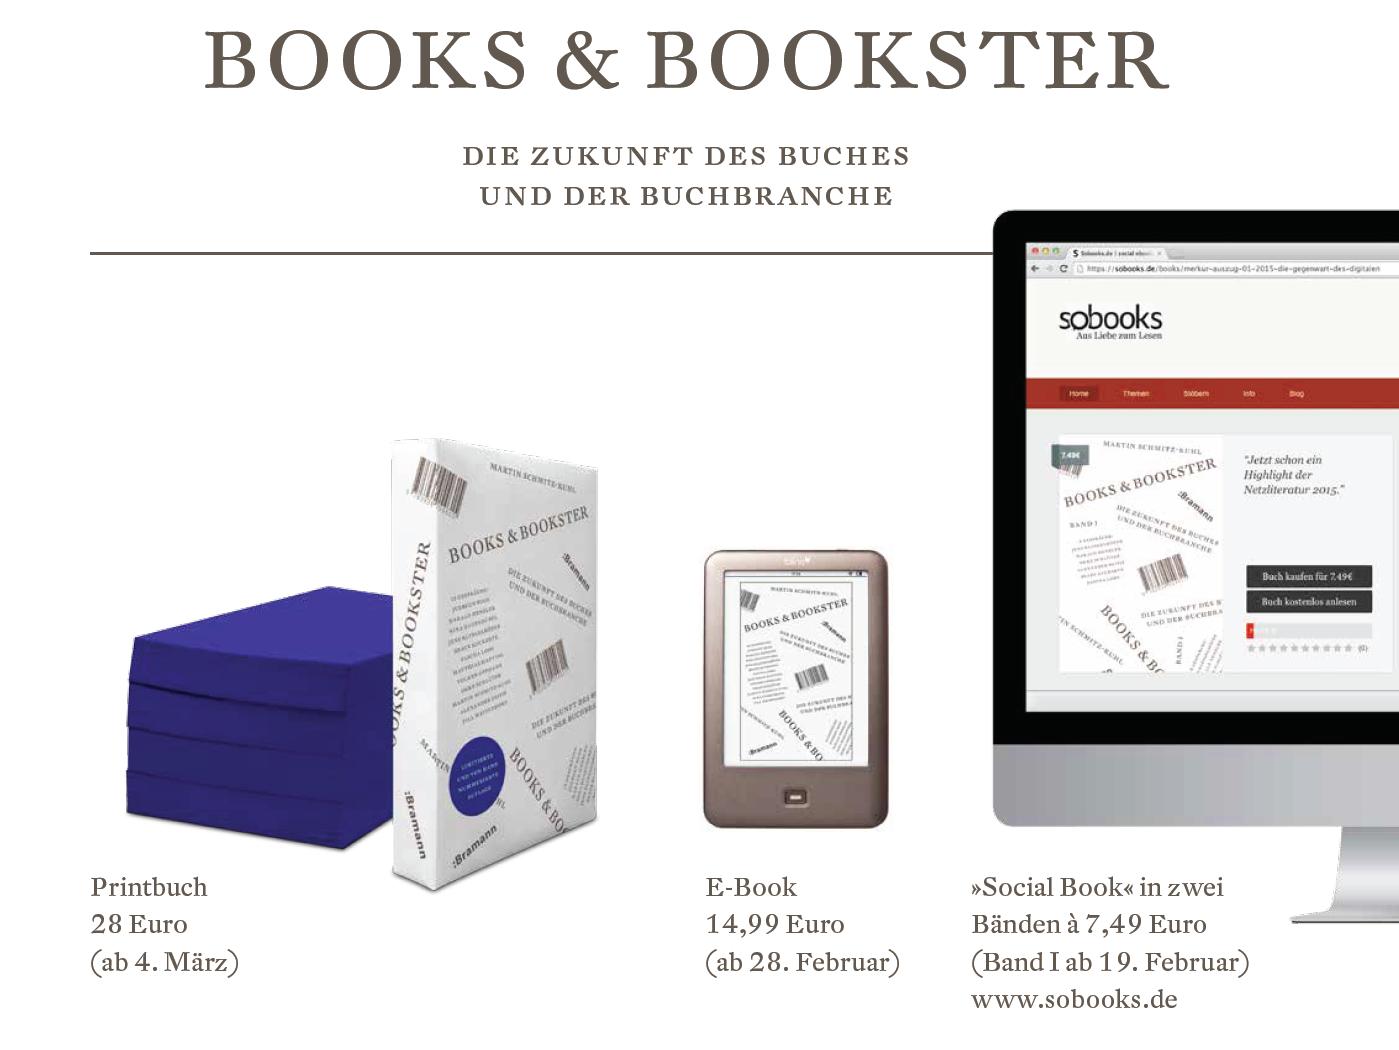 """""""Books und Bookster. Die Zukunft des Buches und der Buchbranche"""" erscheint in drei Formaten. Für welches sich die Käufer mehrheitlich entscheiden ist Teil des Selbstversuchs."""